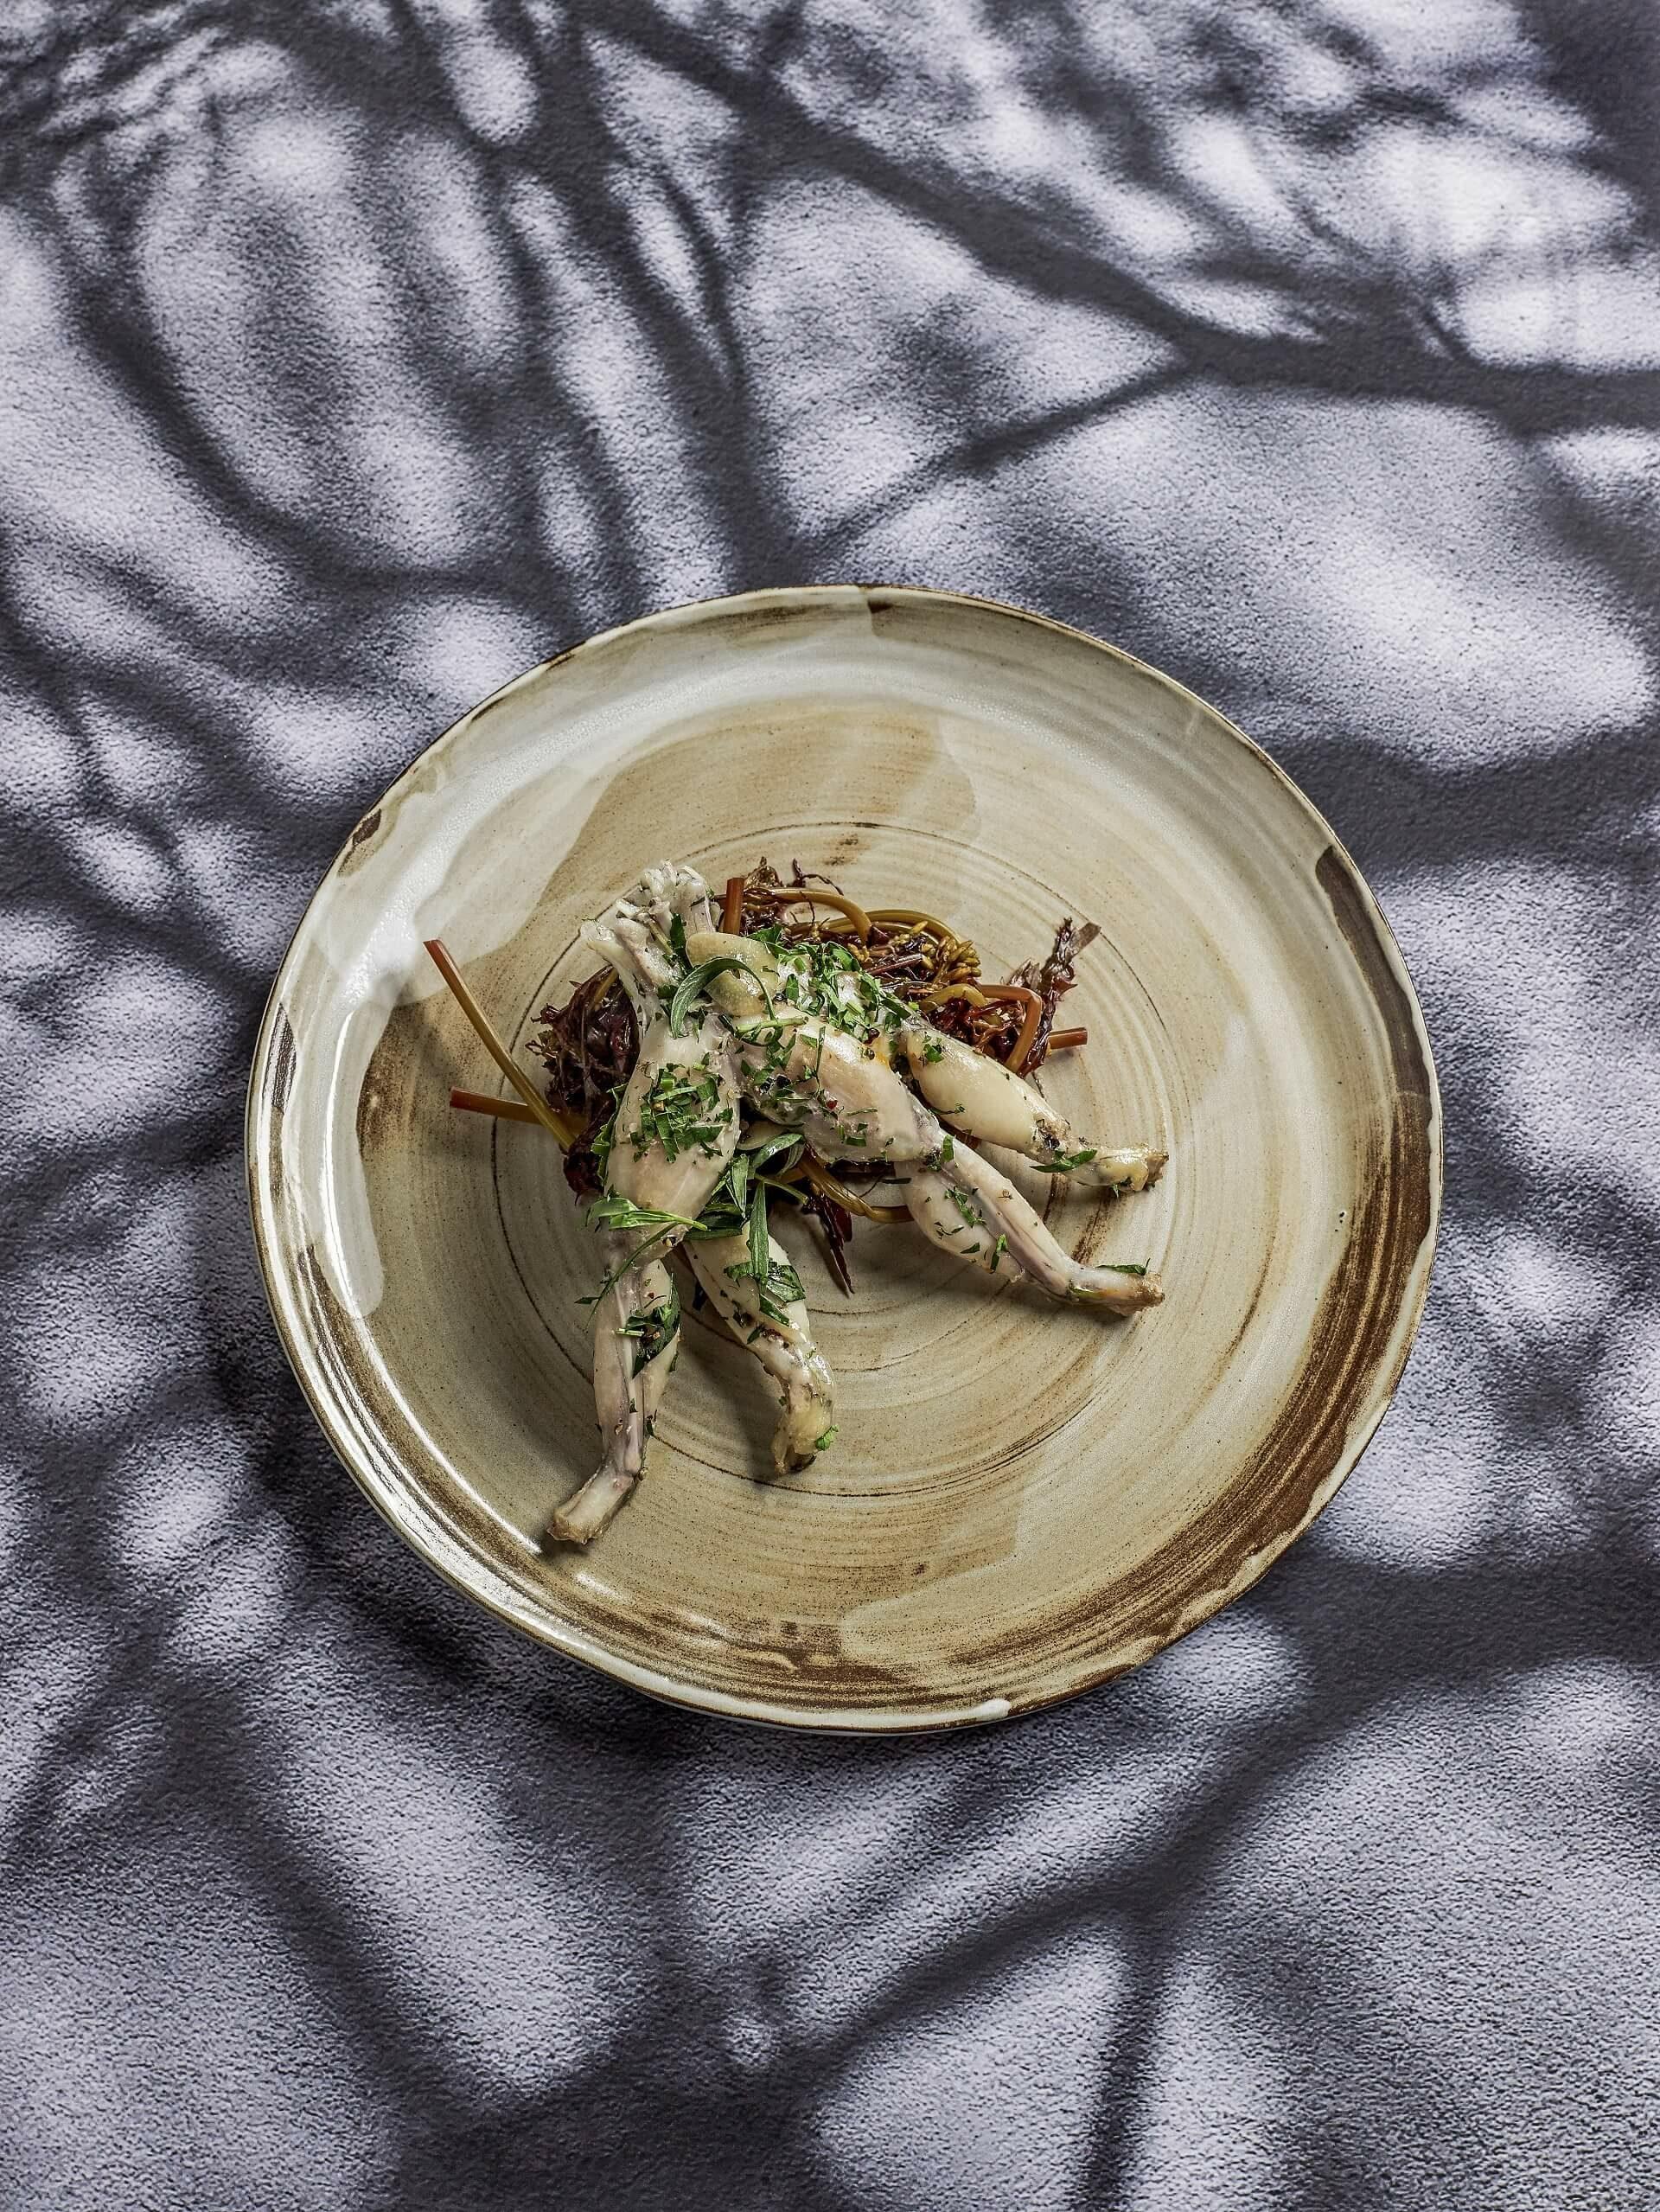 Außergewöhnliche Gerichte: Wie sehen zubereitete Froschschenkel aus?